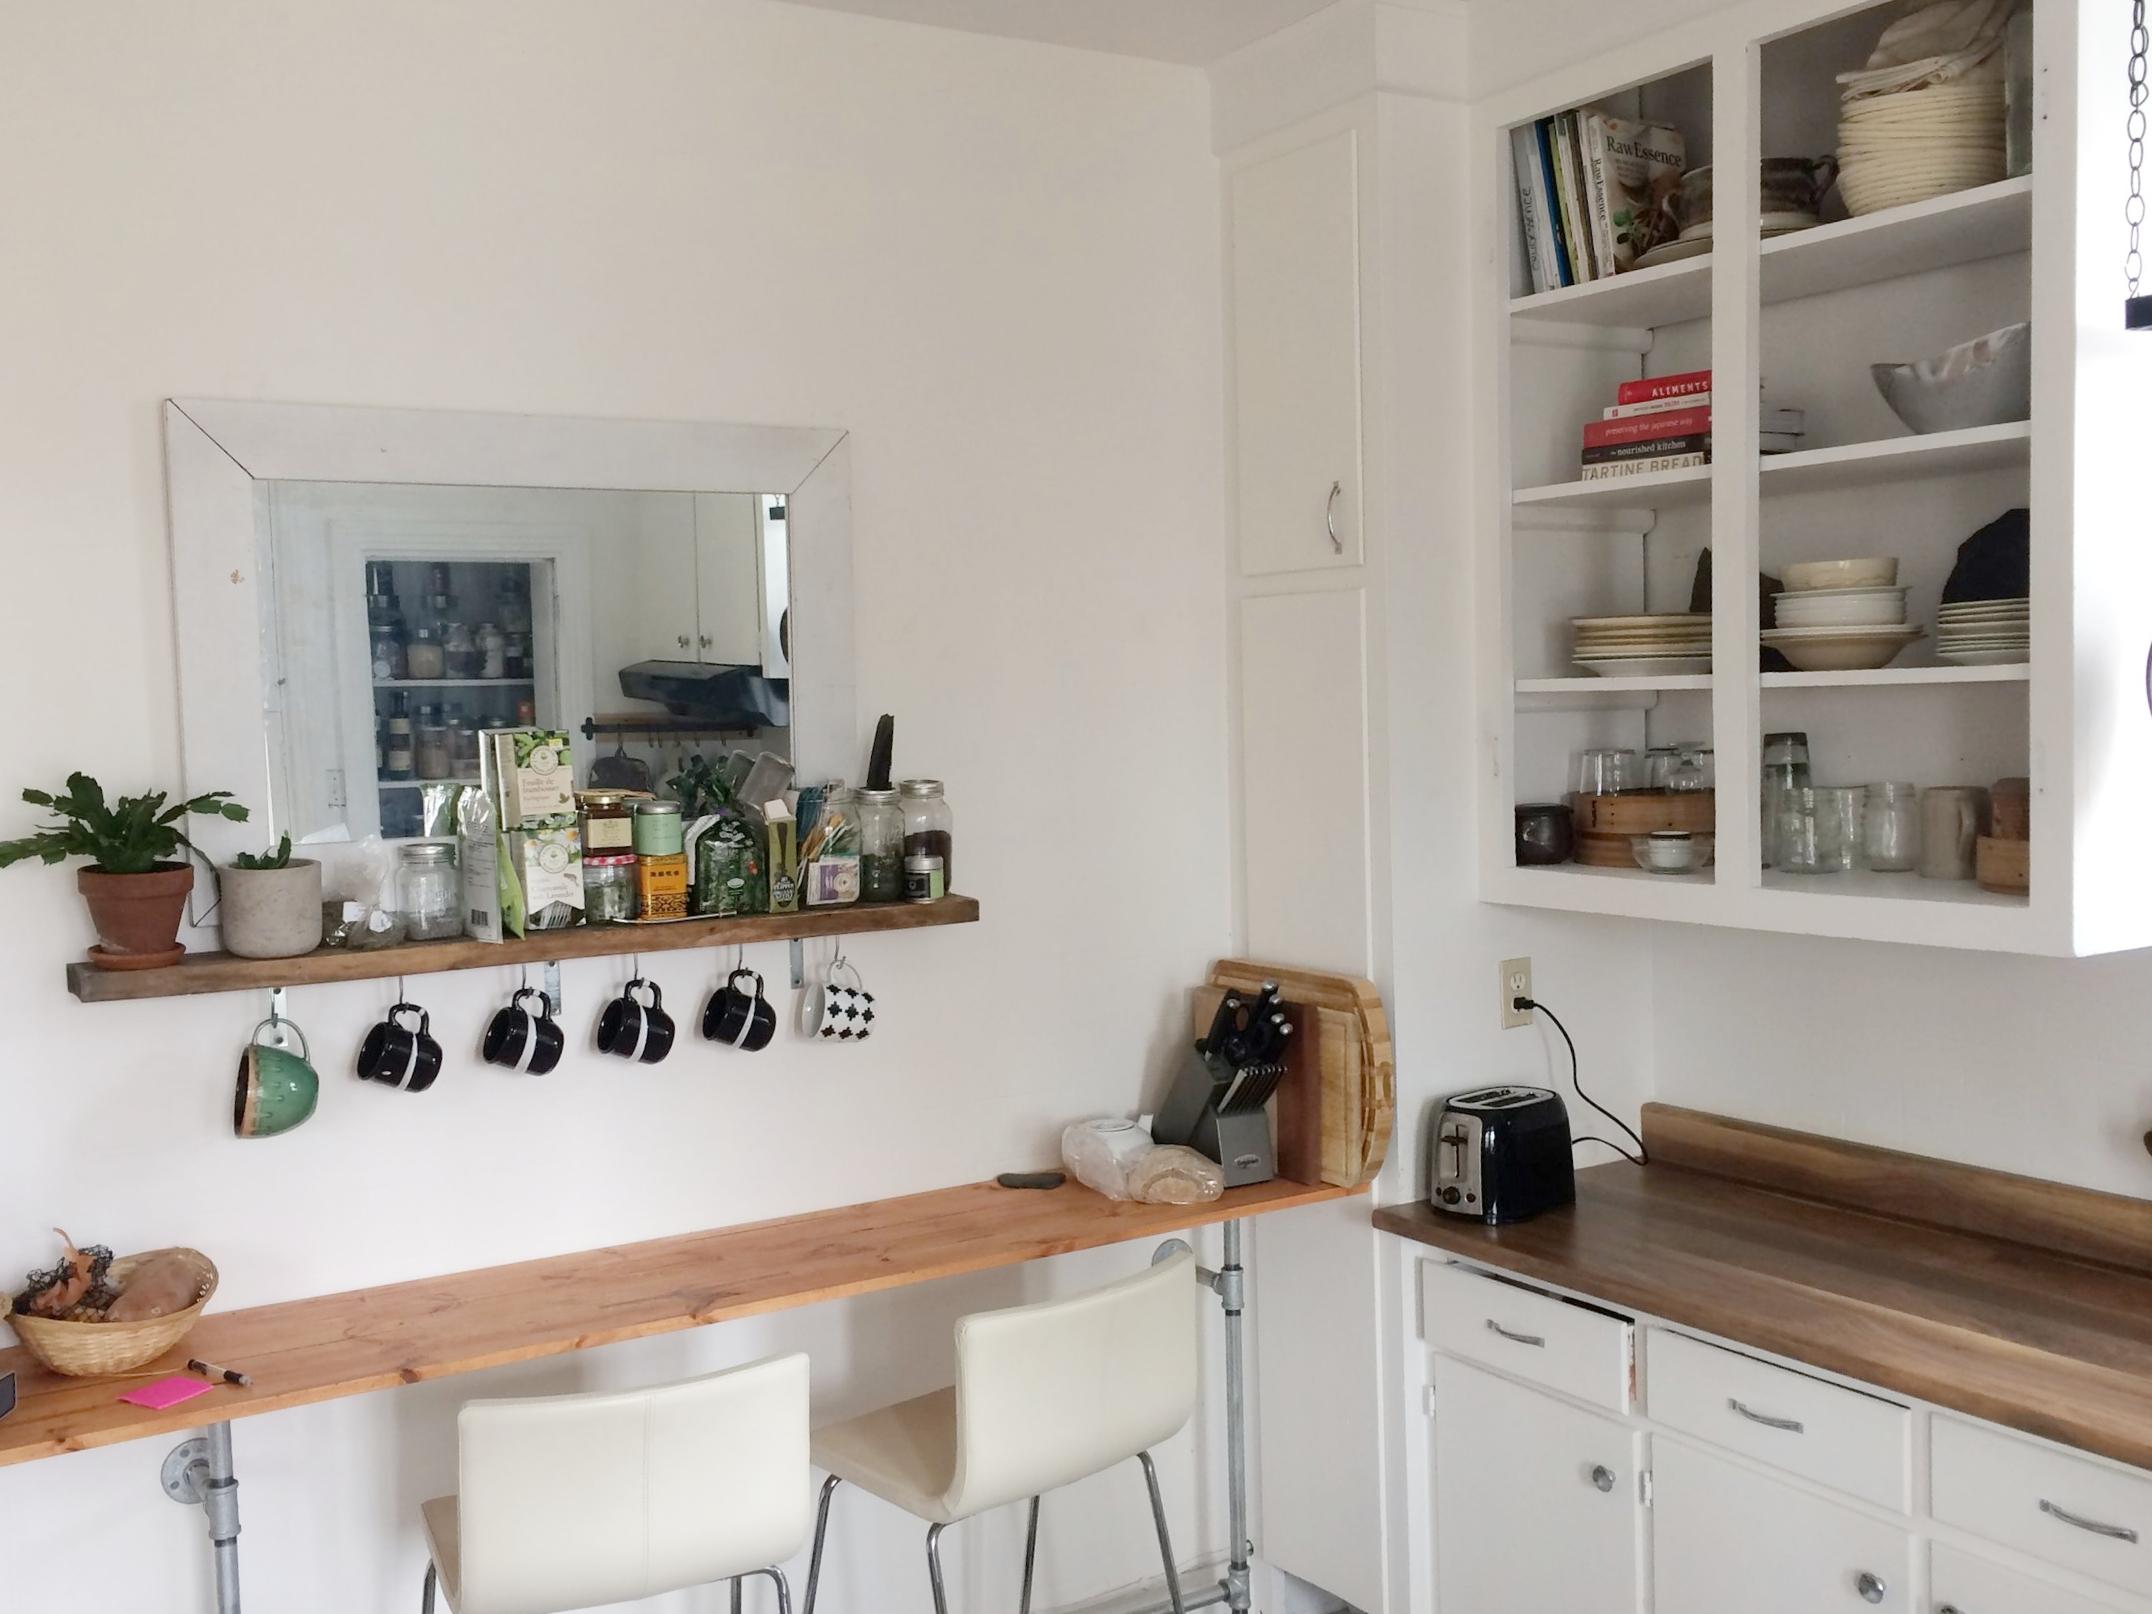 Kitchen: 90% done